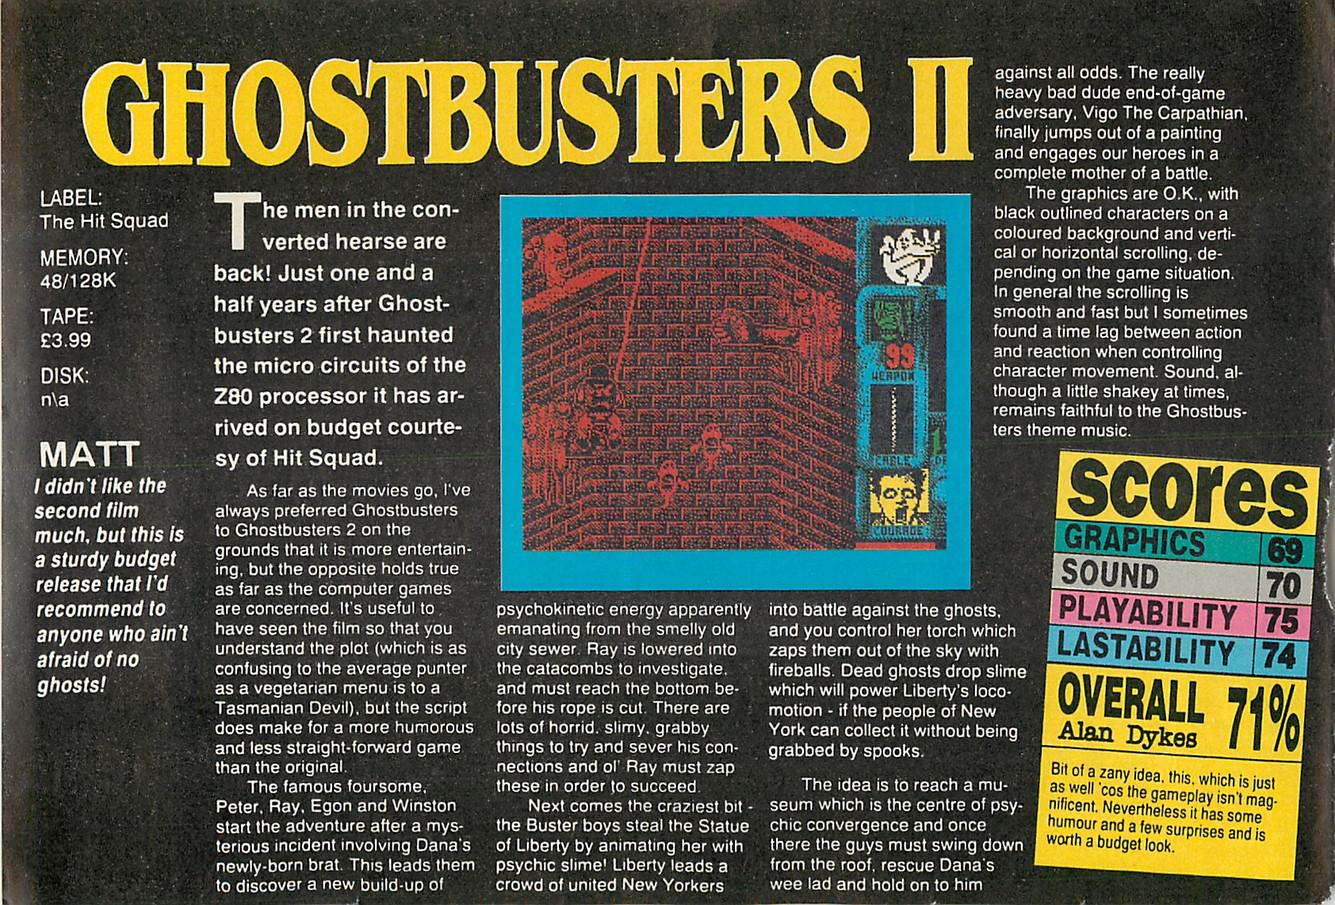 GhostBusters2SpectrumReview.jpg